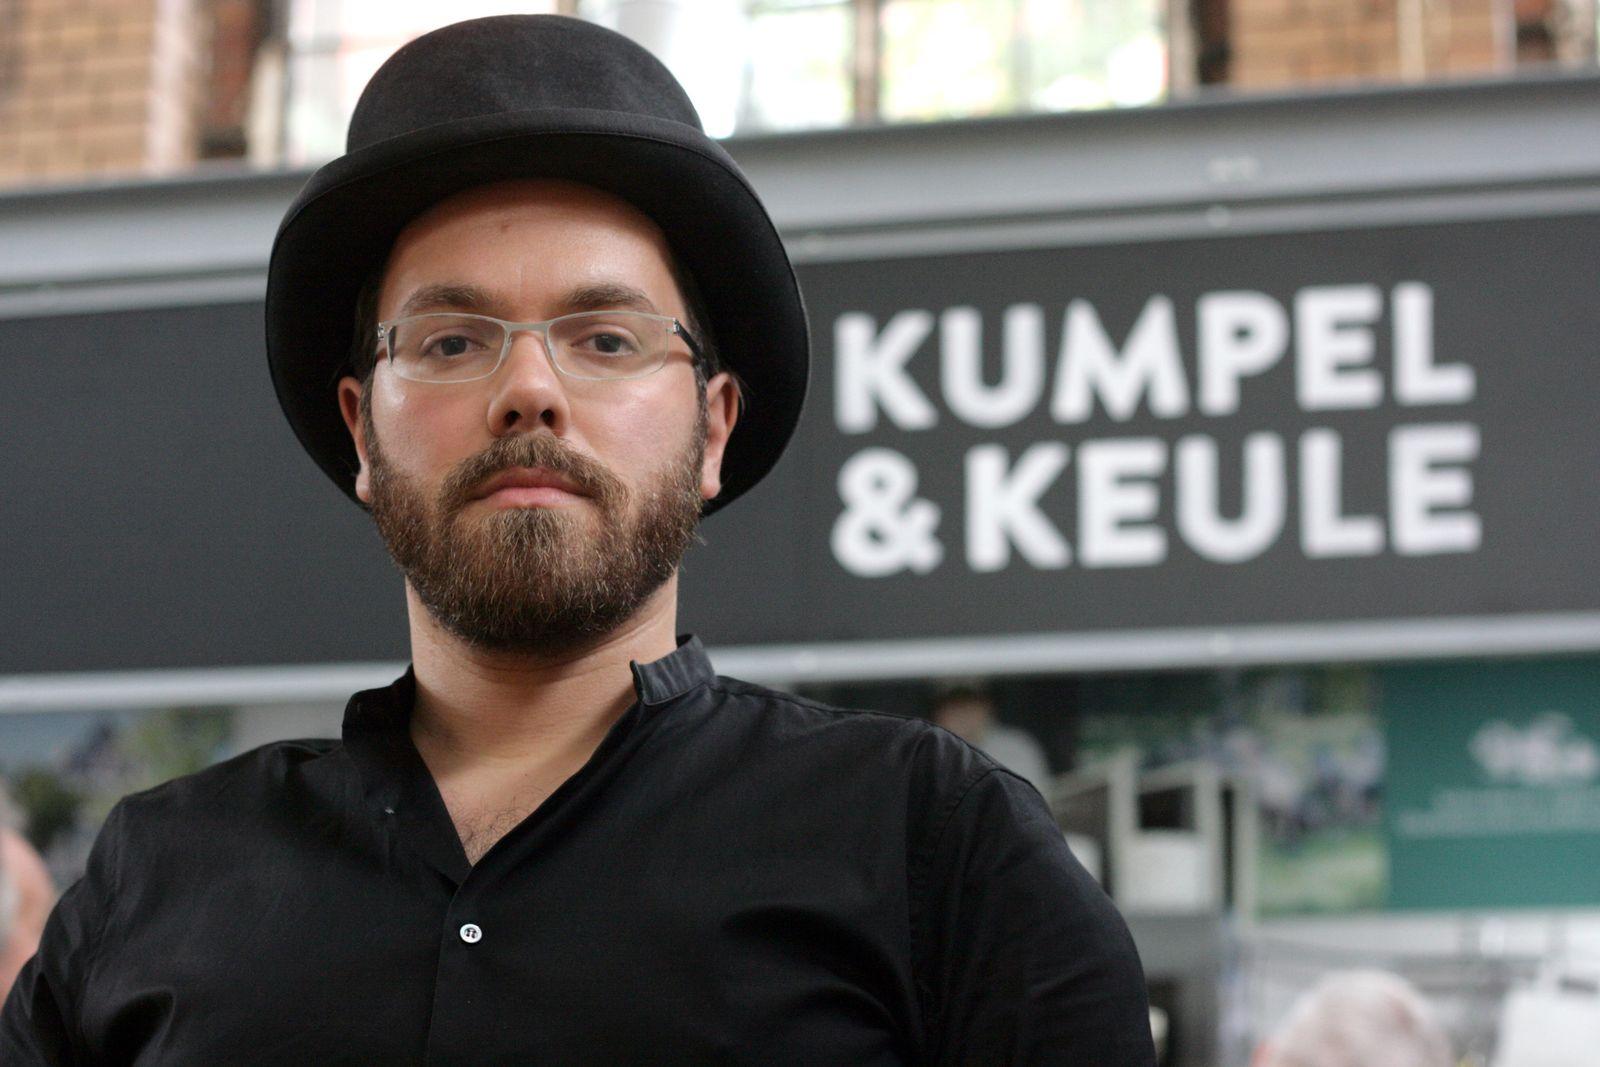 Hendrik Haase / Bäcker undMetzgerhaben zu kämpfen